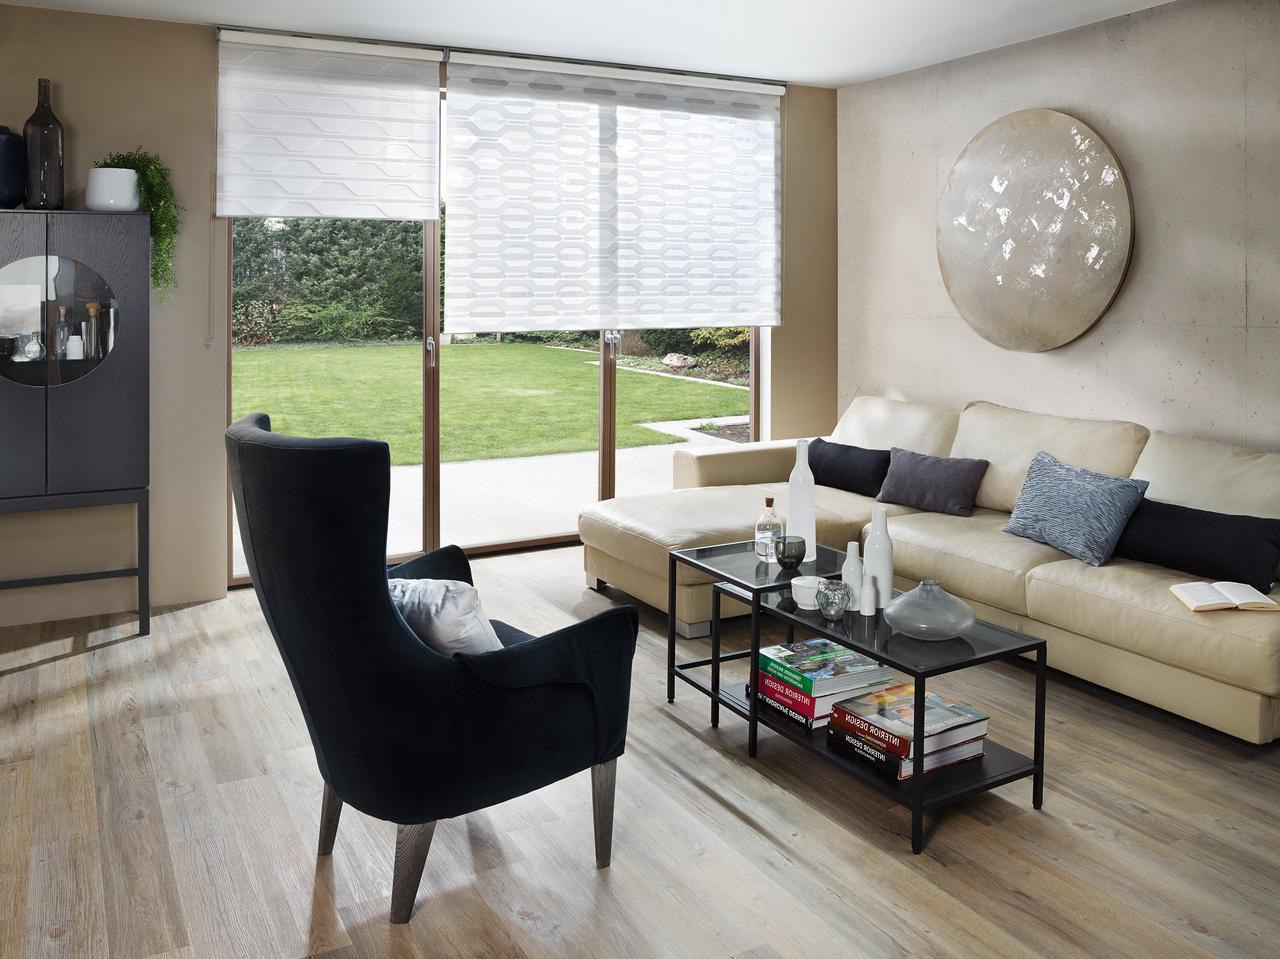 doppelrollo schwarz wei fabulous schner wohnen doppelrollo zum klemmen with doppelrollo schwarz. Black Bedroom Furniture Sets. Home Design Ideas